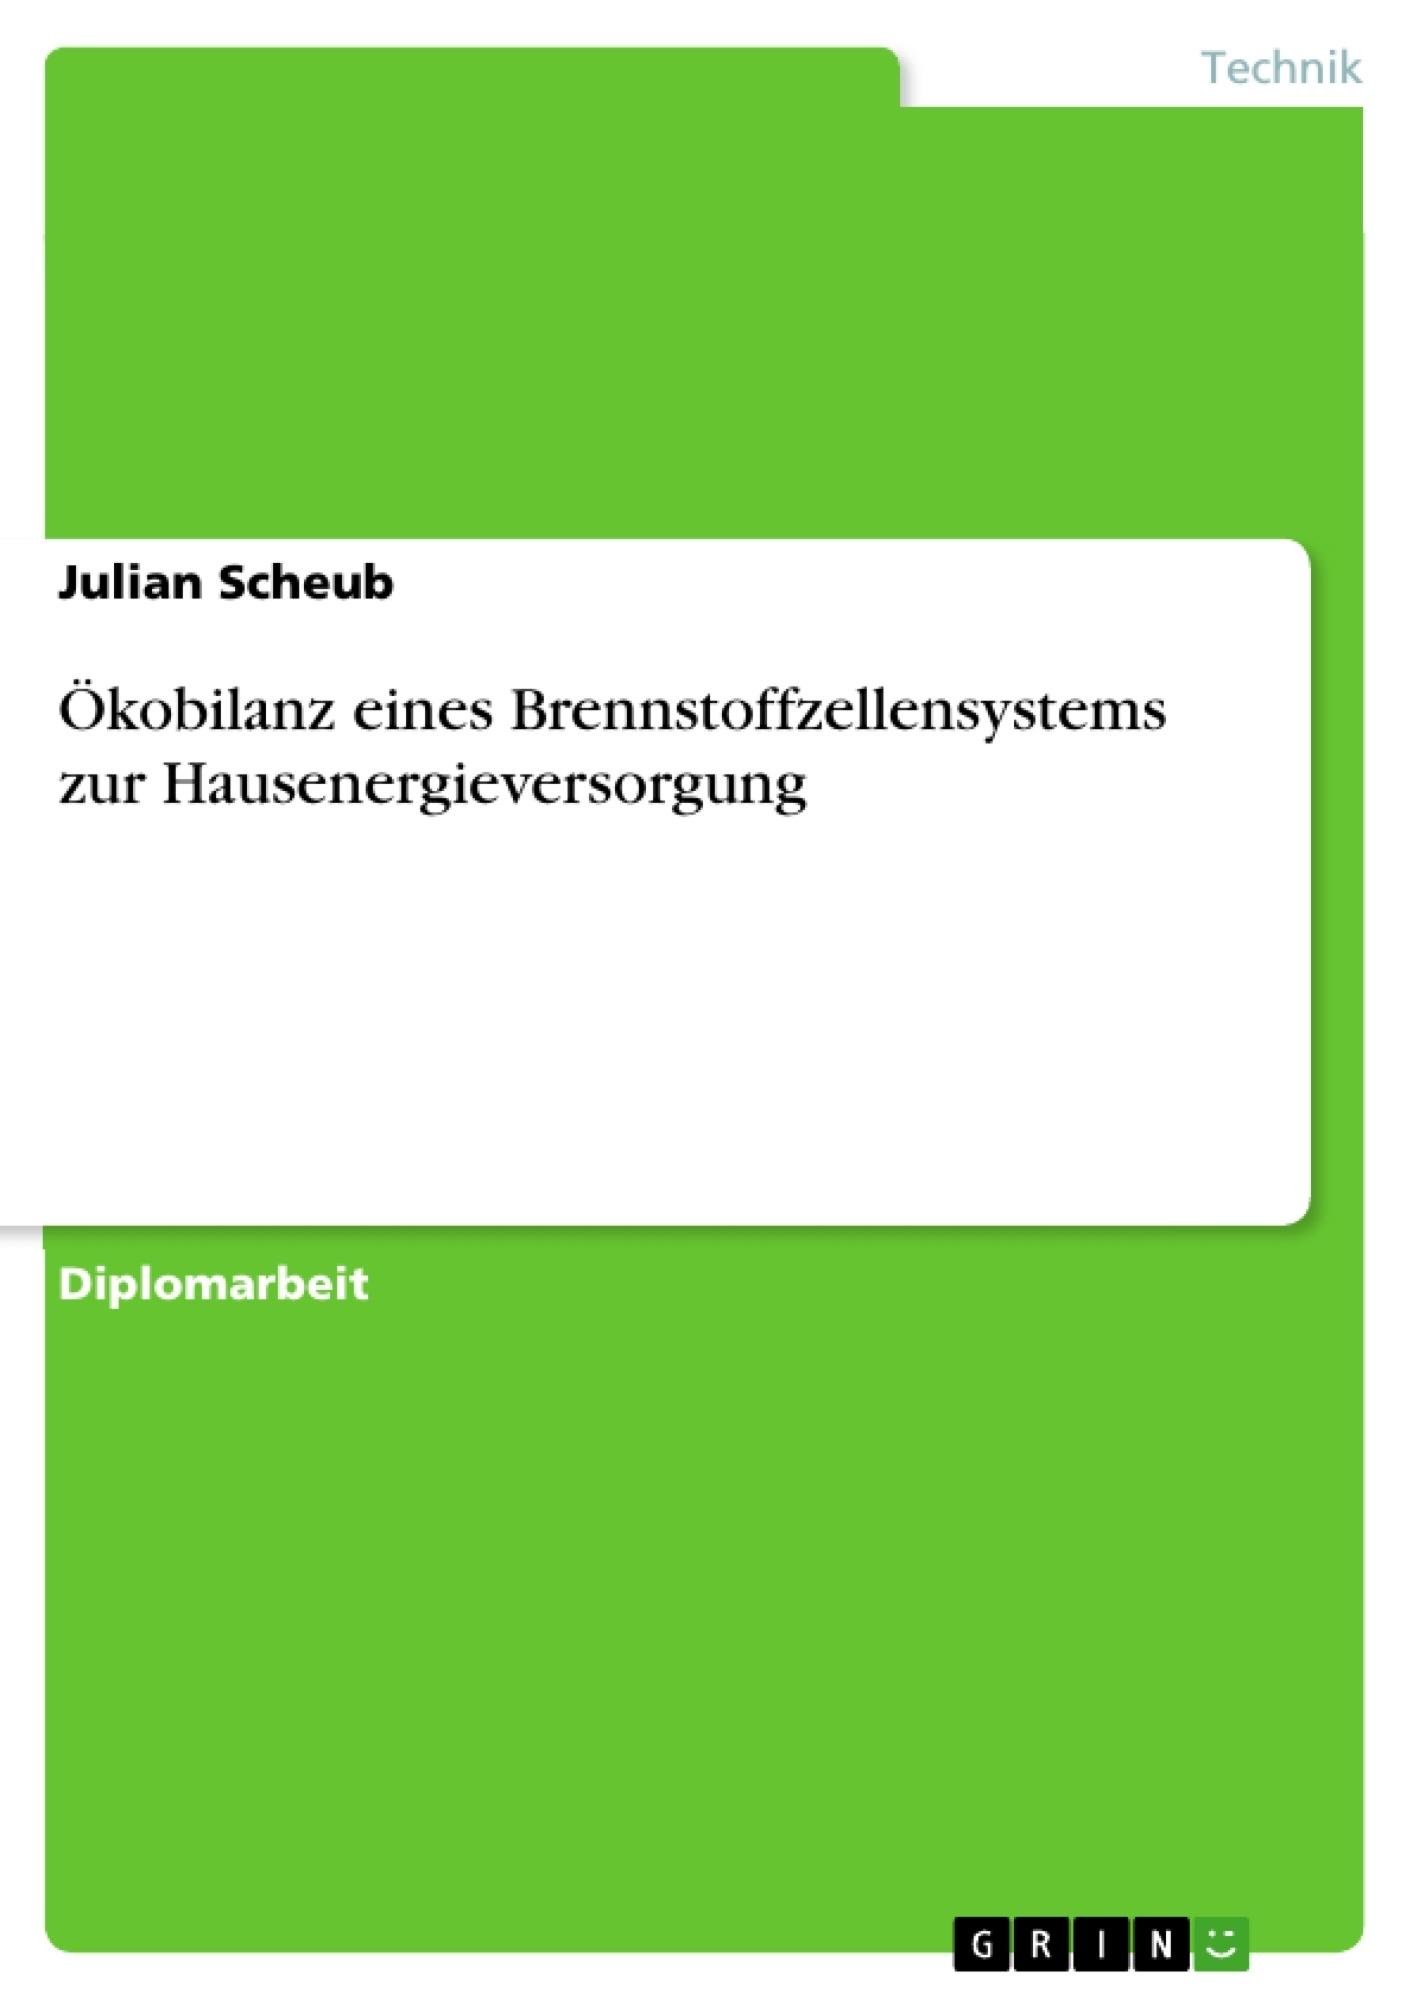 Titel: Ökobilanz eines Brennstoffzellensystems zur Hausenergieversorgung